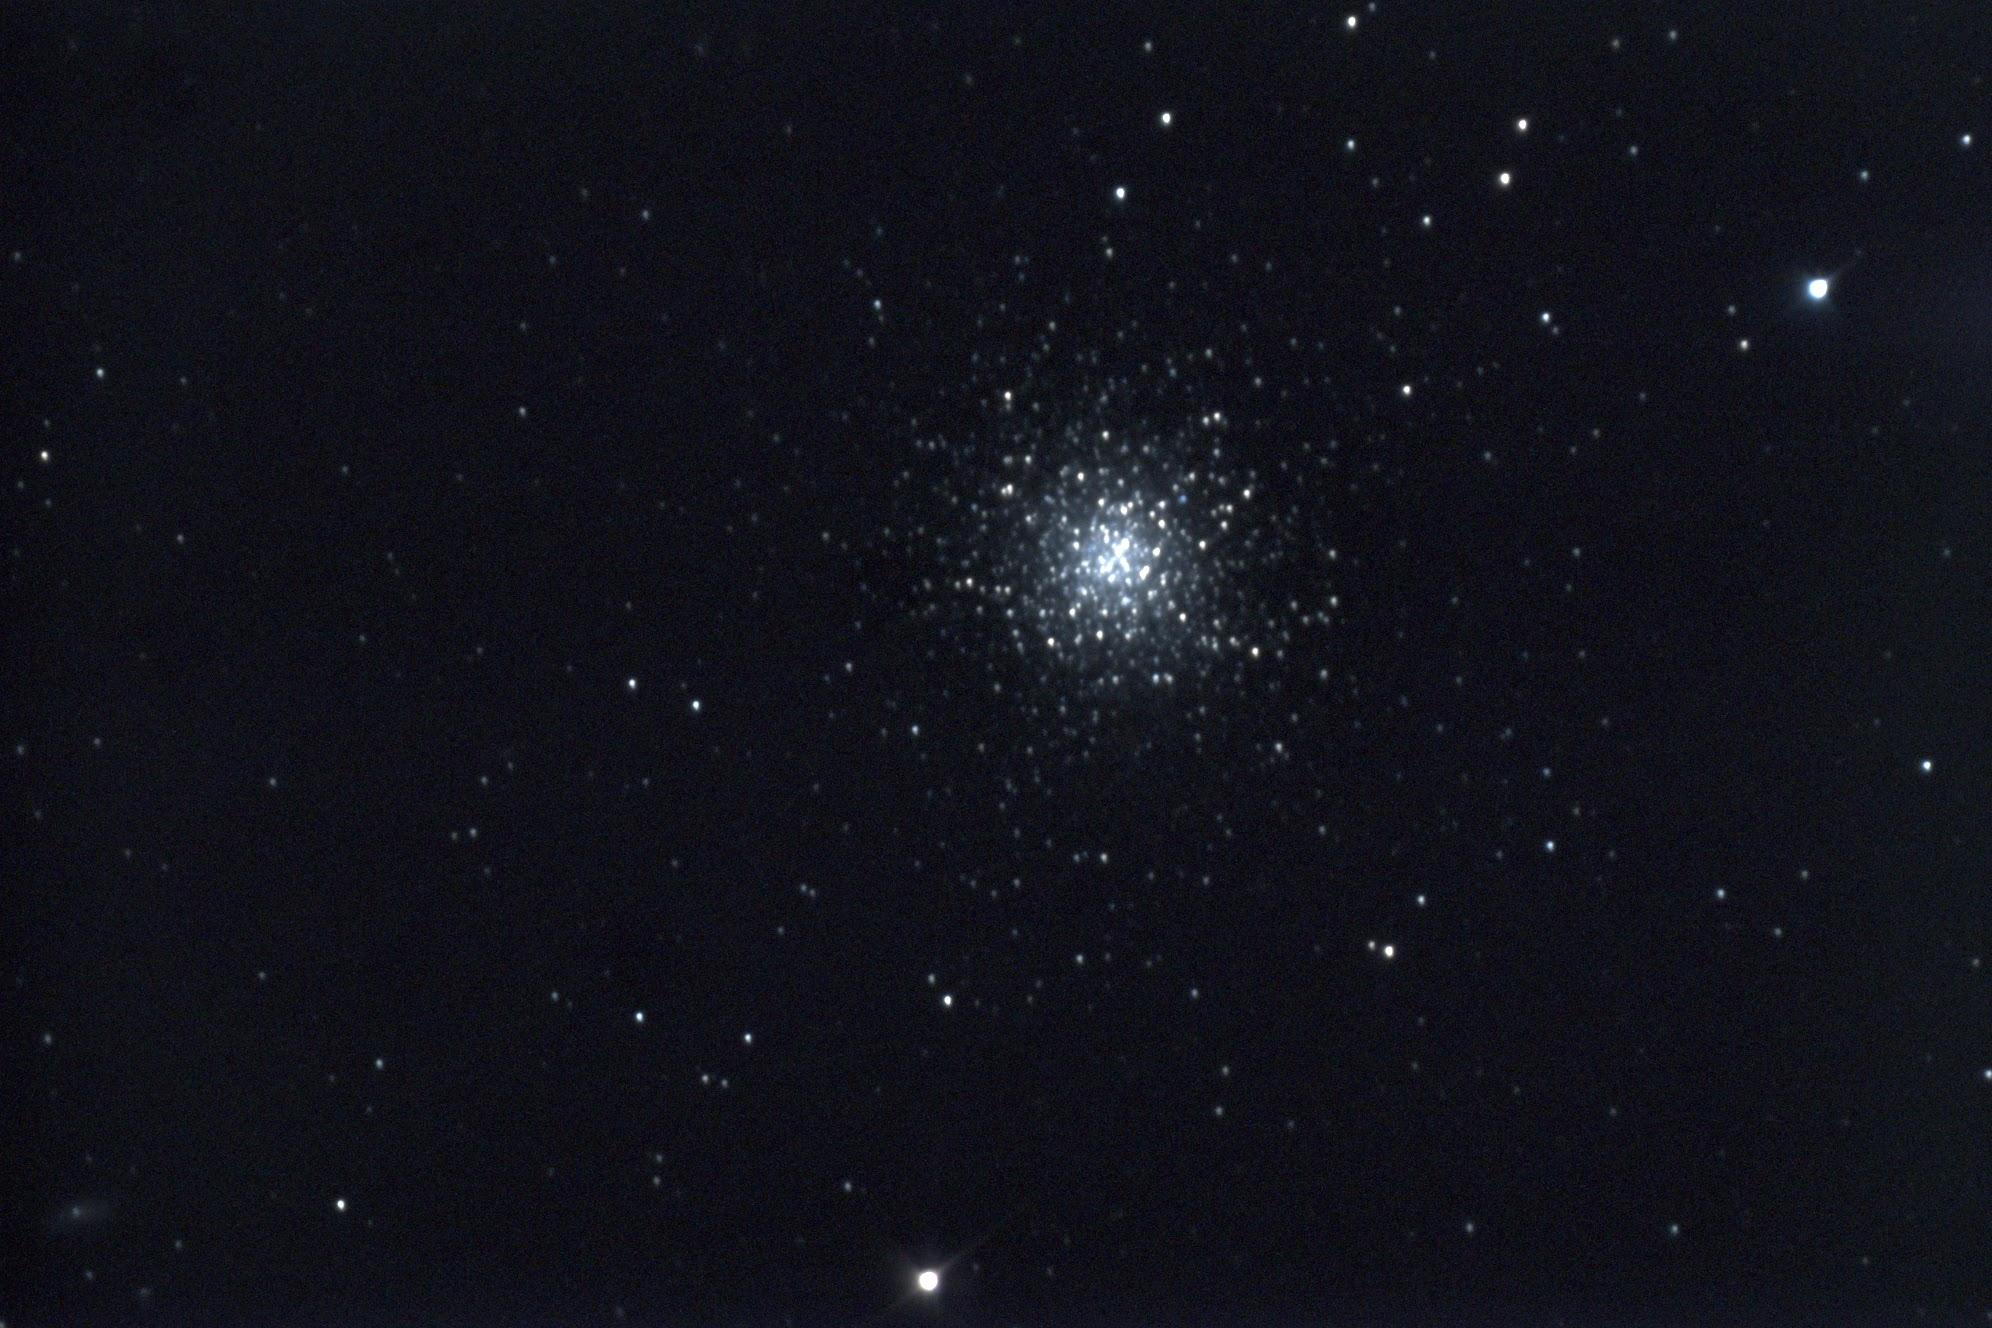 M13 (NGC 6205) :ヘルクレス座にある球状星団